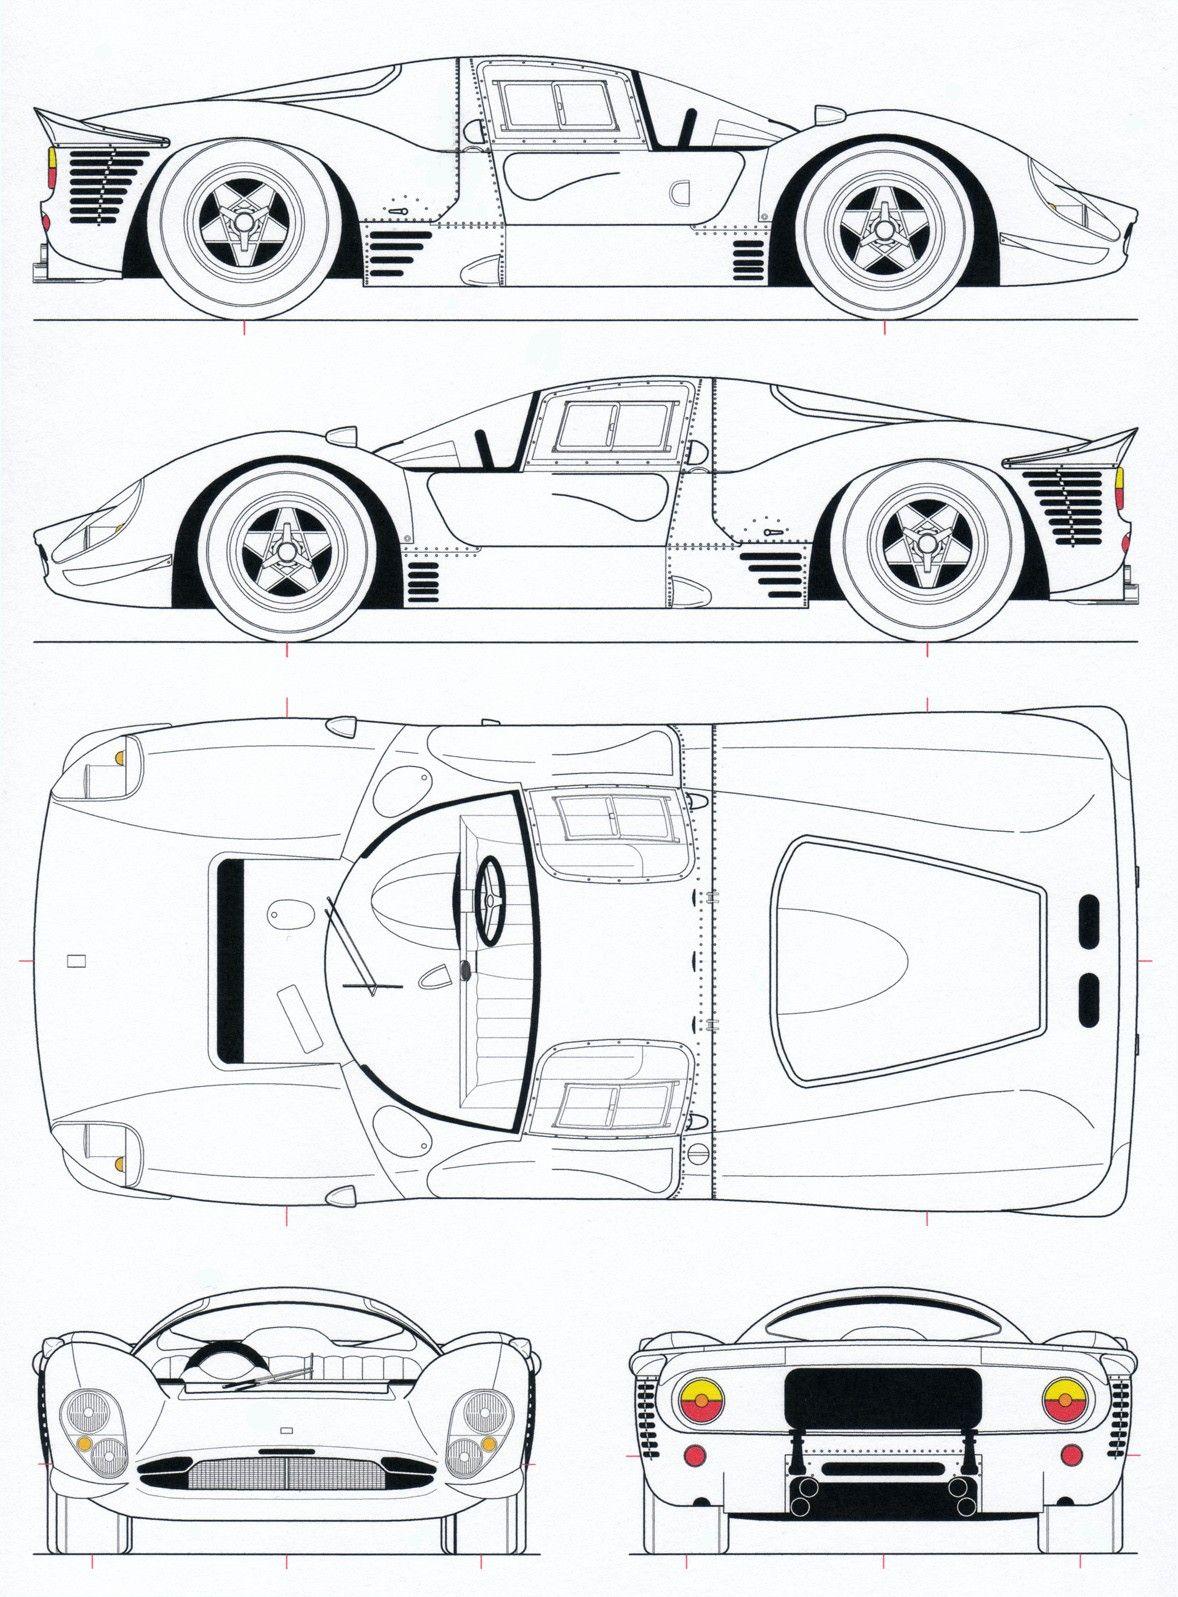 Ferrari Blueprint : ferrari, blueprint, Ferrari, 330p-412p4, Ferrari,, Blueprints,, Drawings